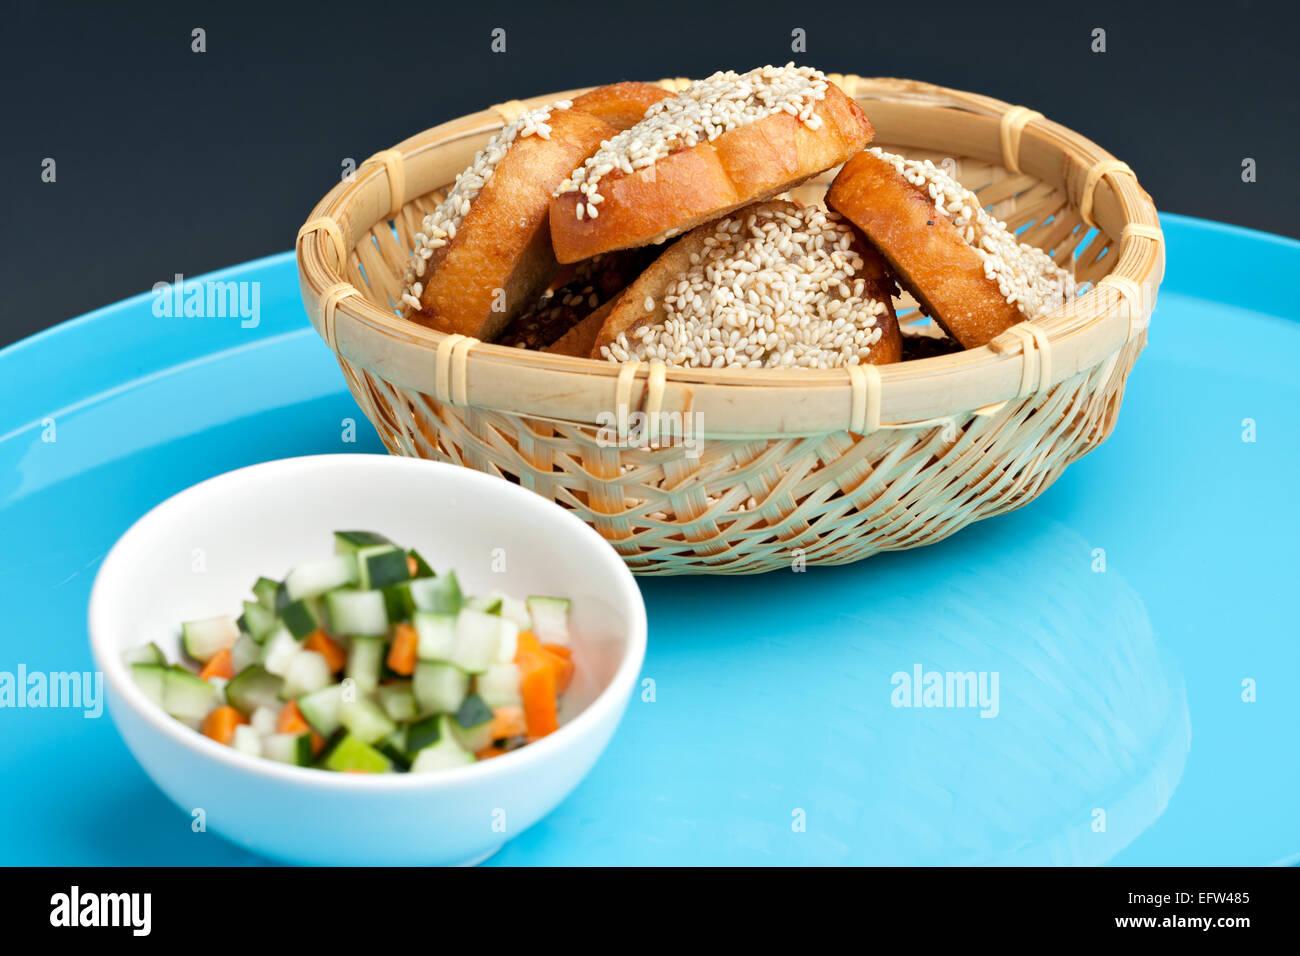 Yum Cha Hong Kong Stock Photos & Yum Cha Hong Kong Stock Images - Alamy